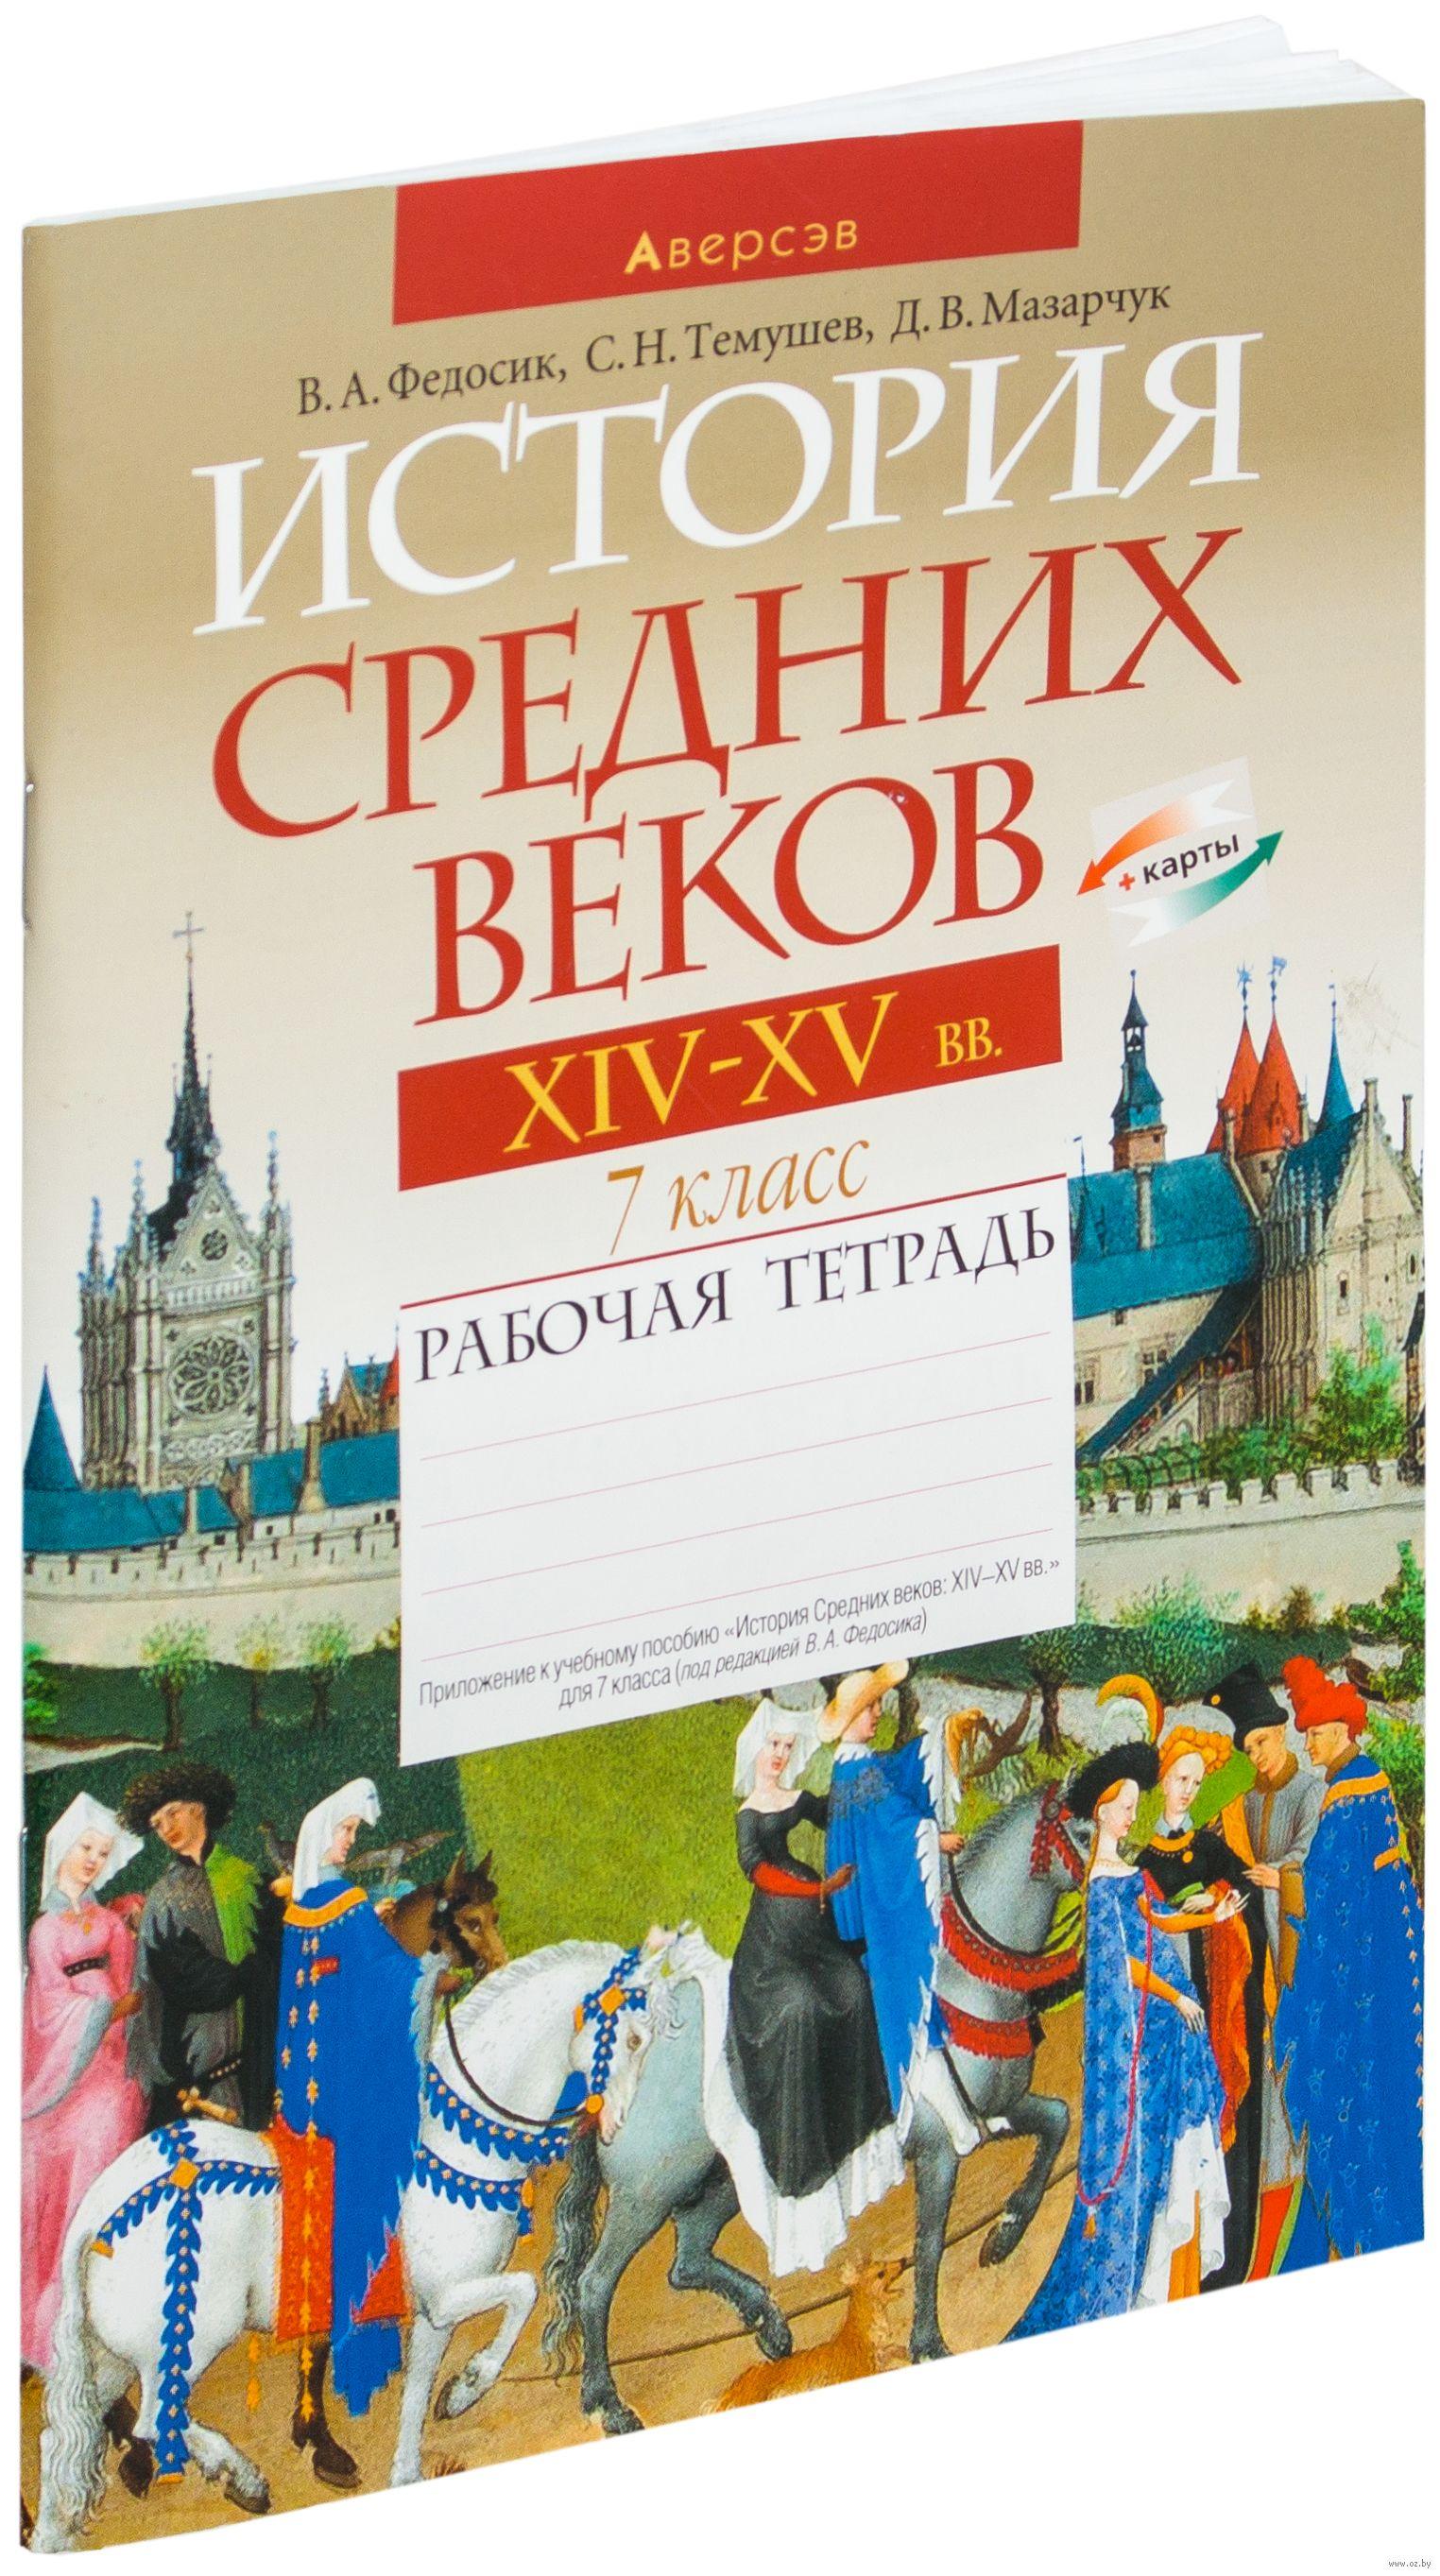 гдз история беларуси рабочая тетрадь федосик